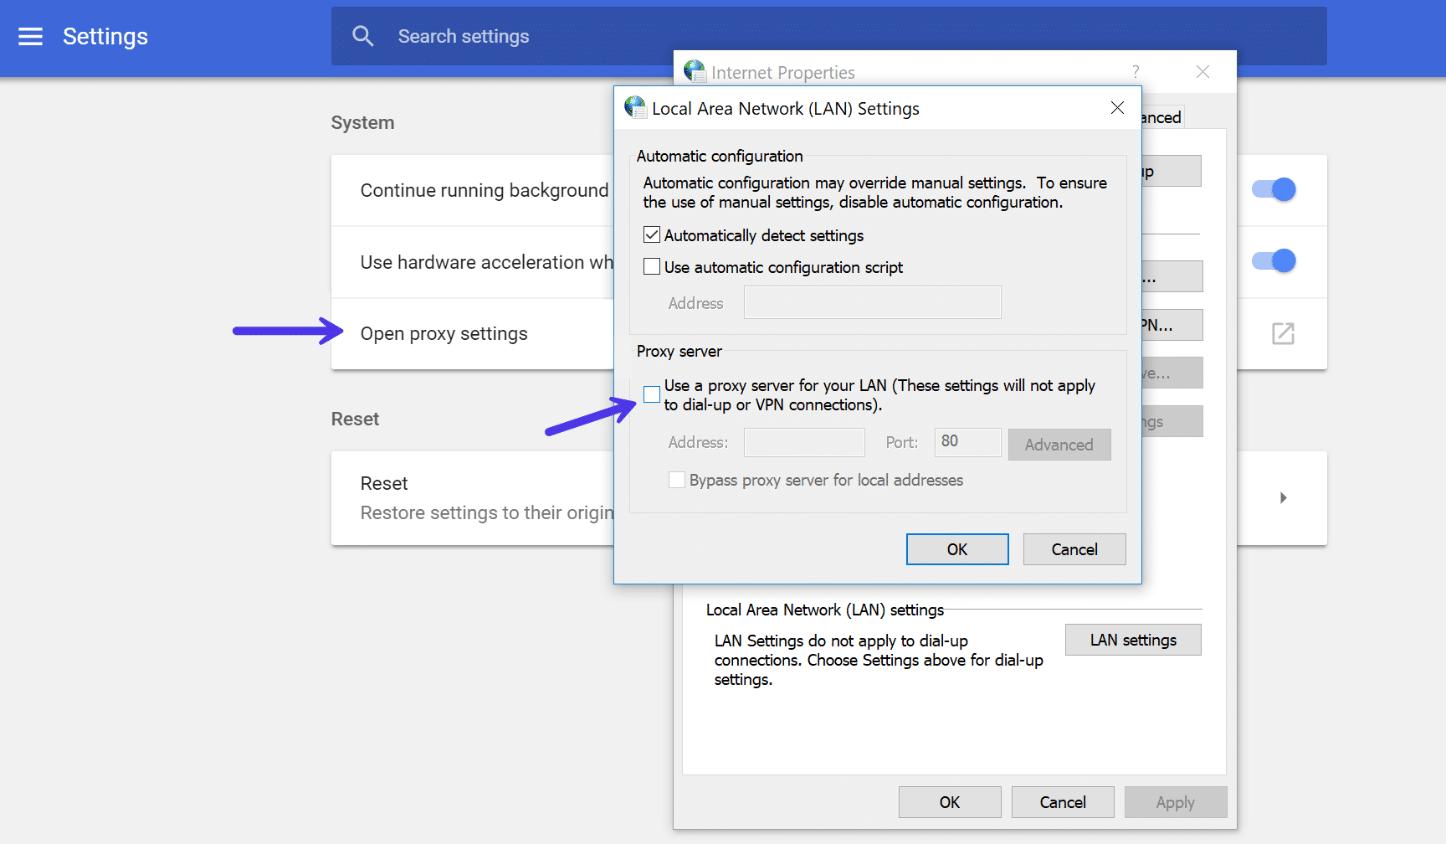 Disattivare le impostazioni proxy di Chrome in Windows